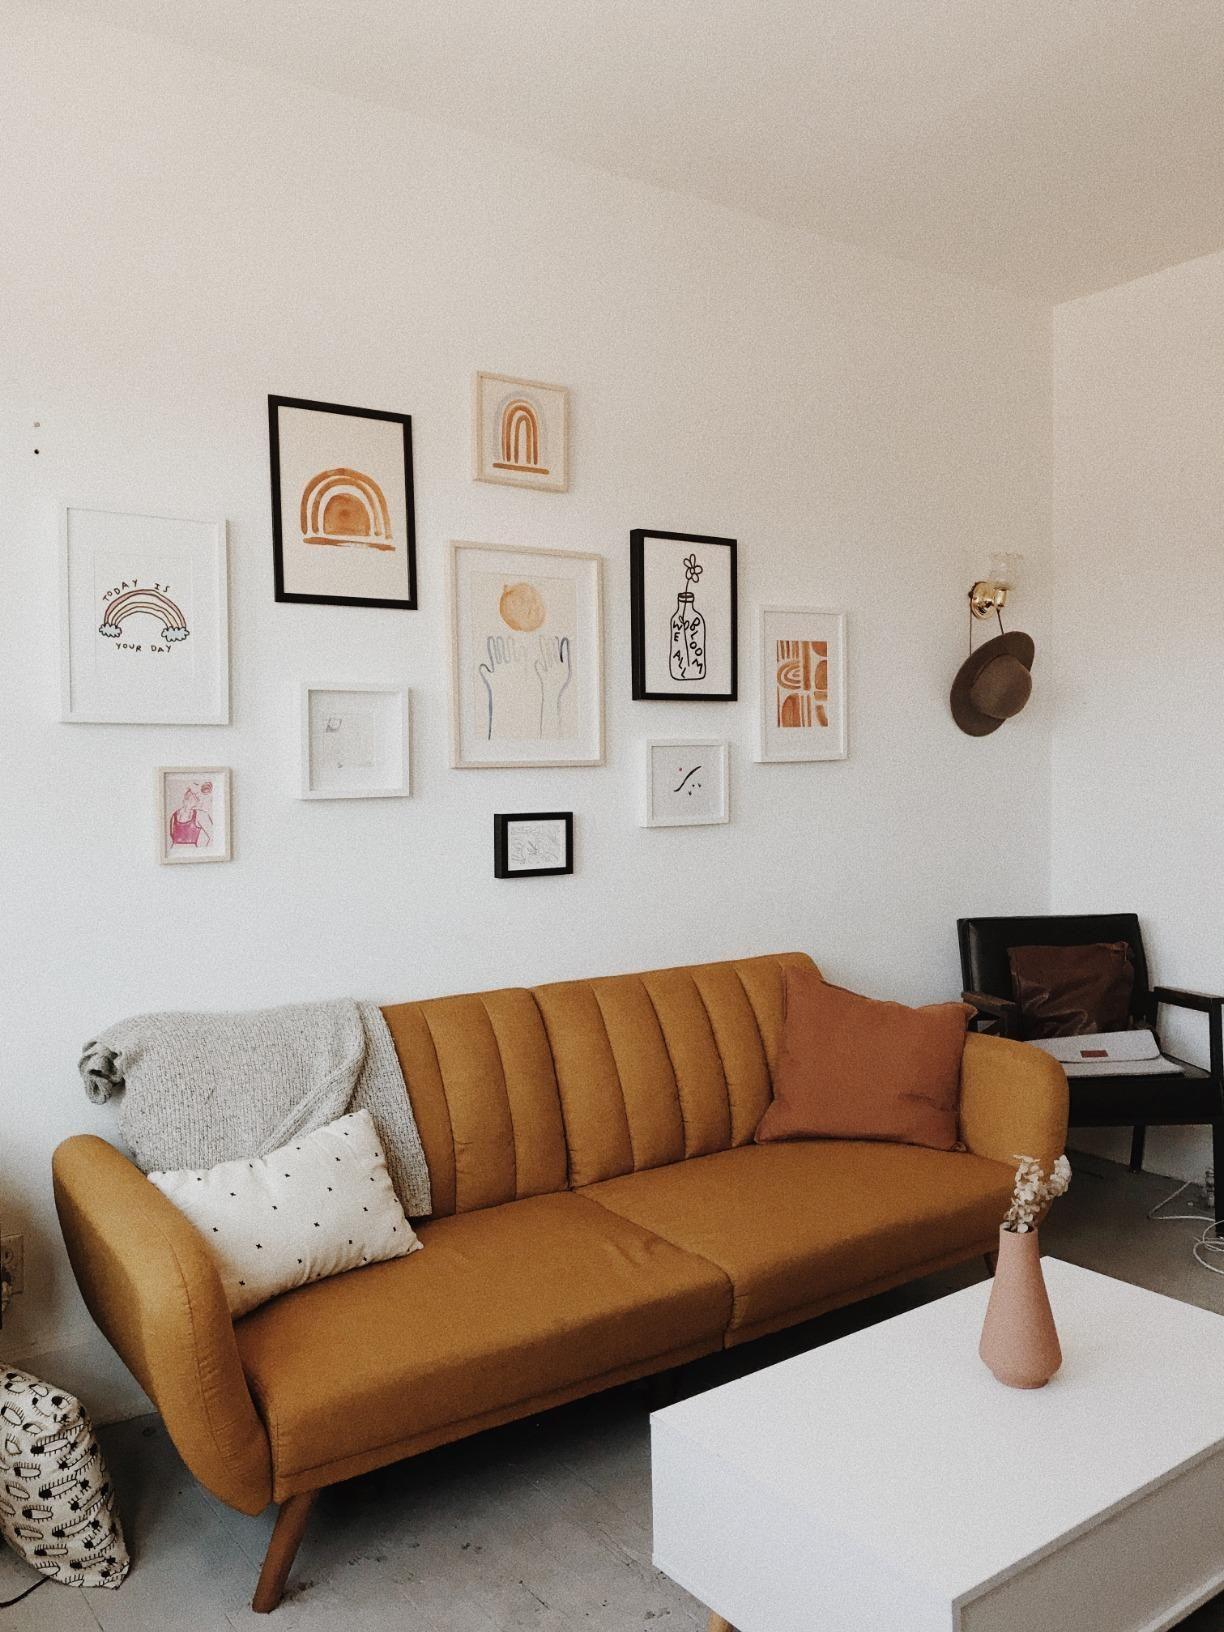 Amazon: Novogratz Brittany Sofa Futon, Premium Linen Throughout Brittany Sectional Futon Sofas (View 12 of 15)